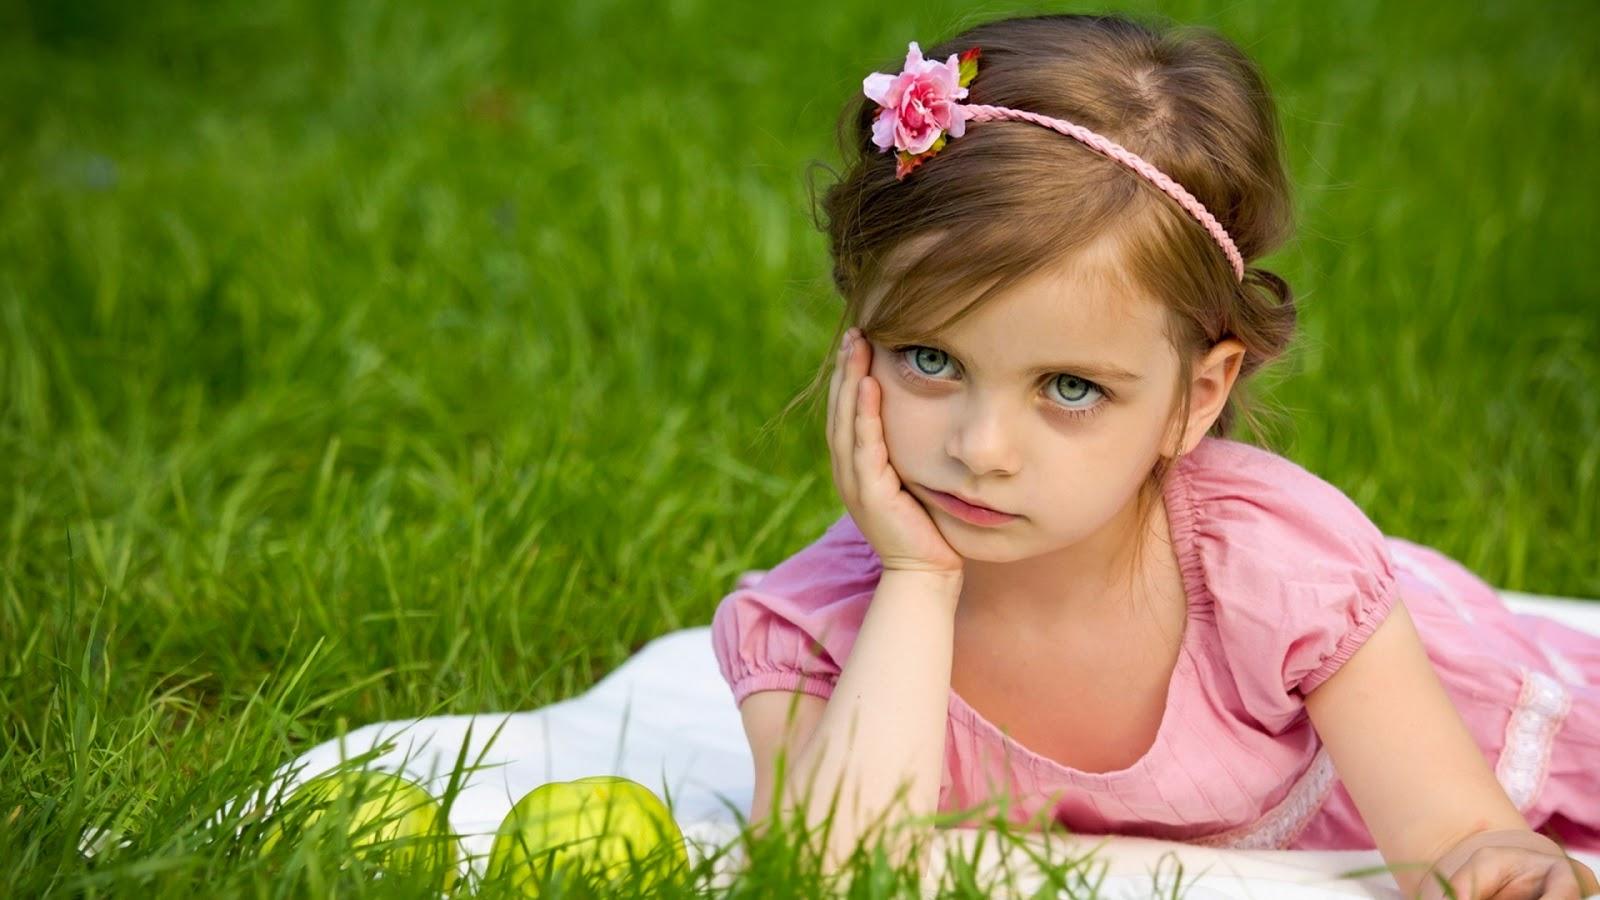 خلفيات اطفال صغار بنات Makusia Images